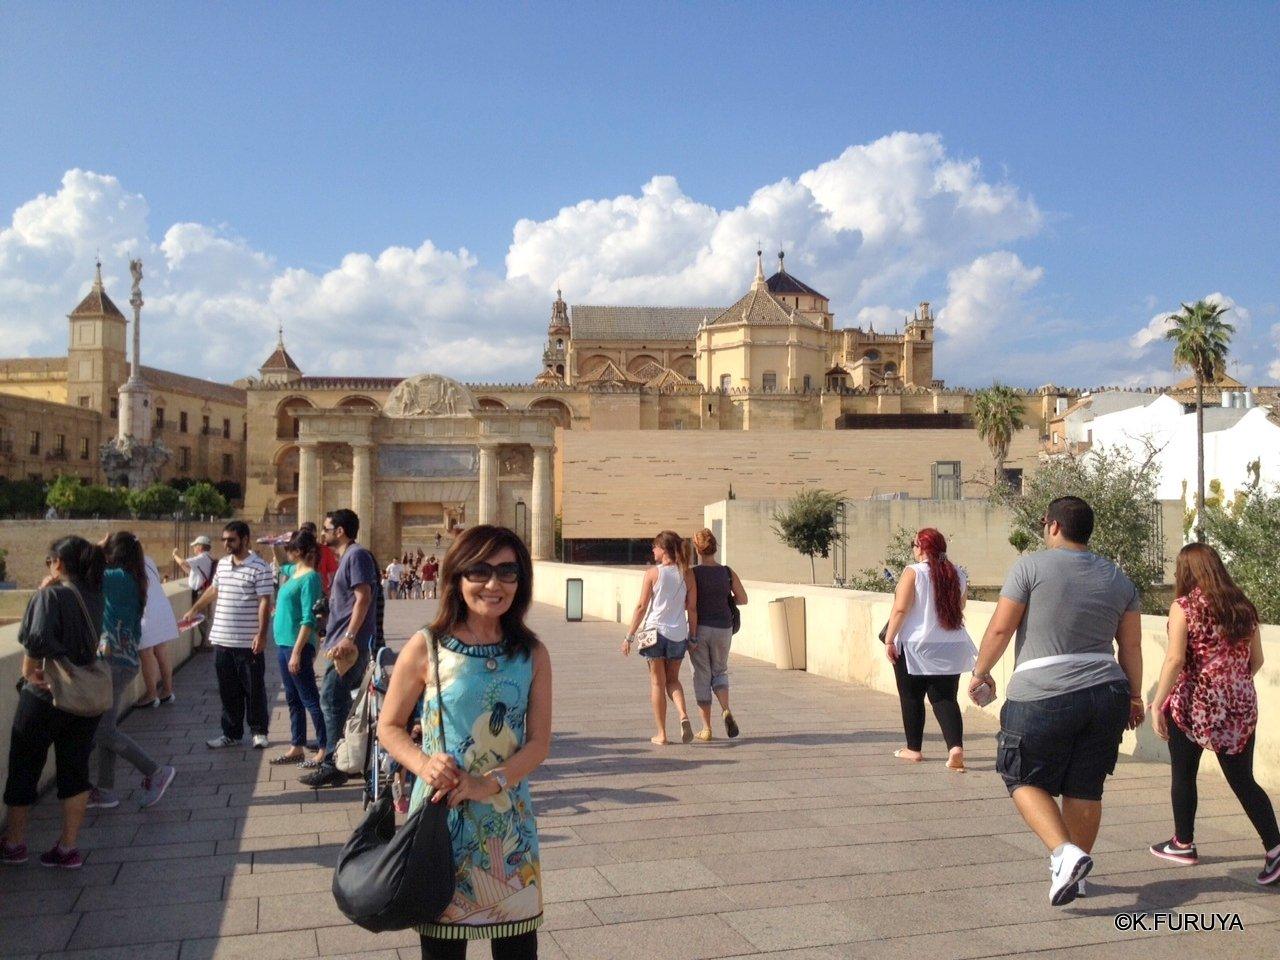 スペイン旅行記 12 コルドバ・メスキータ_a0092659_23344749.jpg